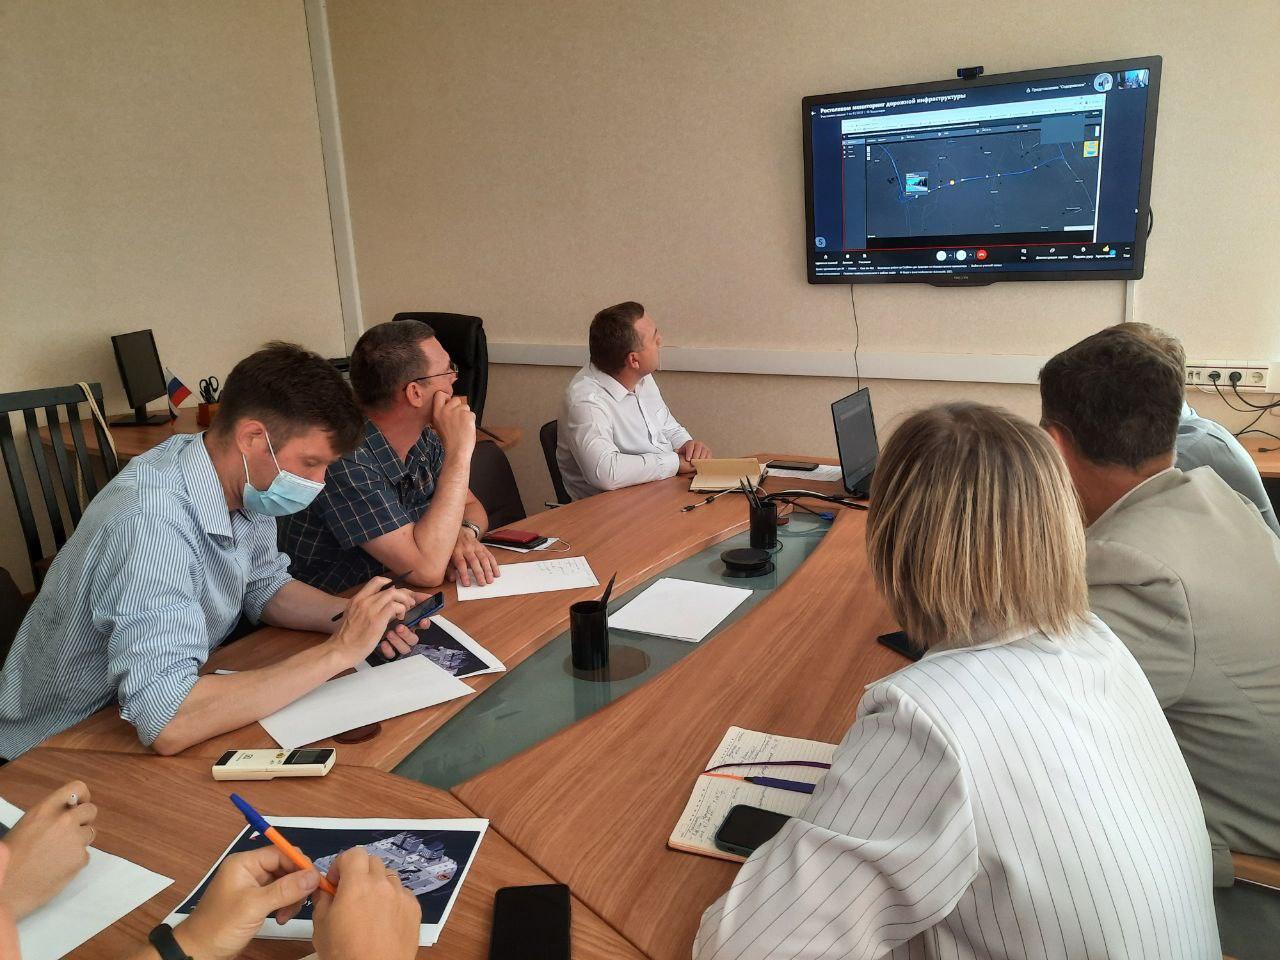 В Кировской области рассмотрели возможности применения на дорогах ИТ-технологий